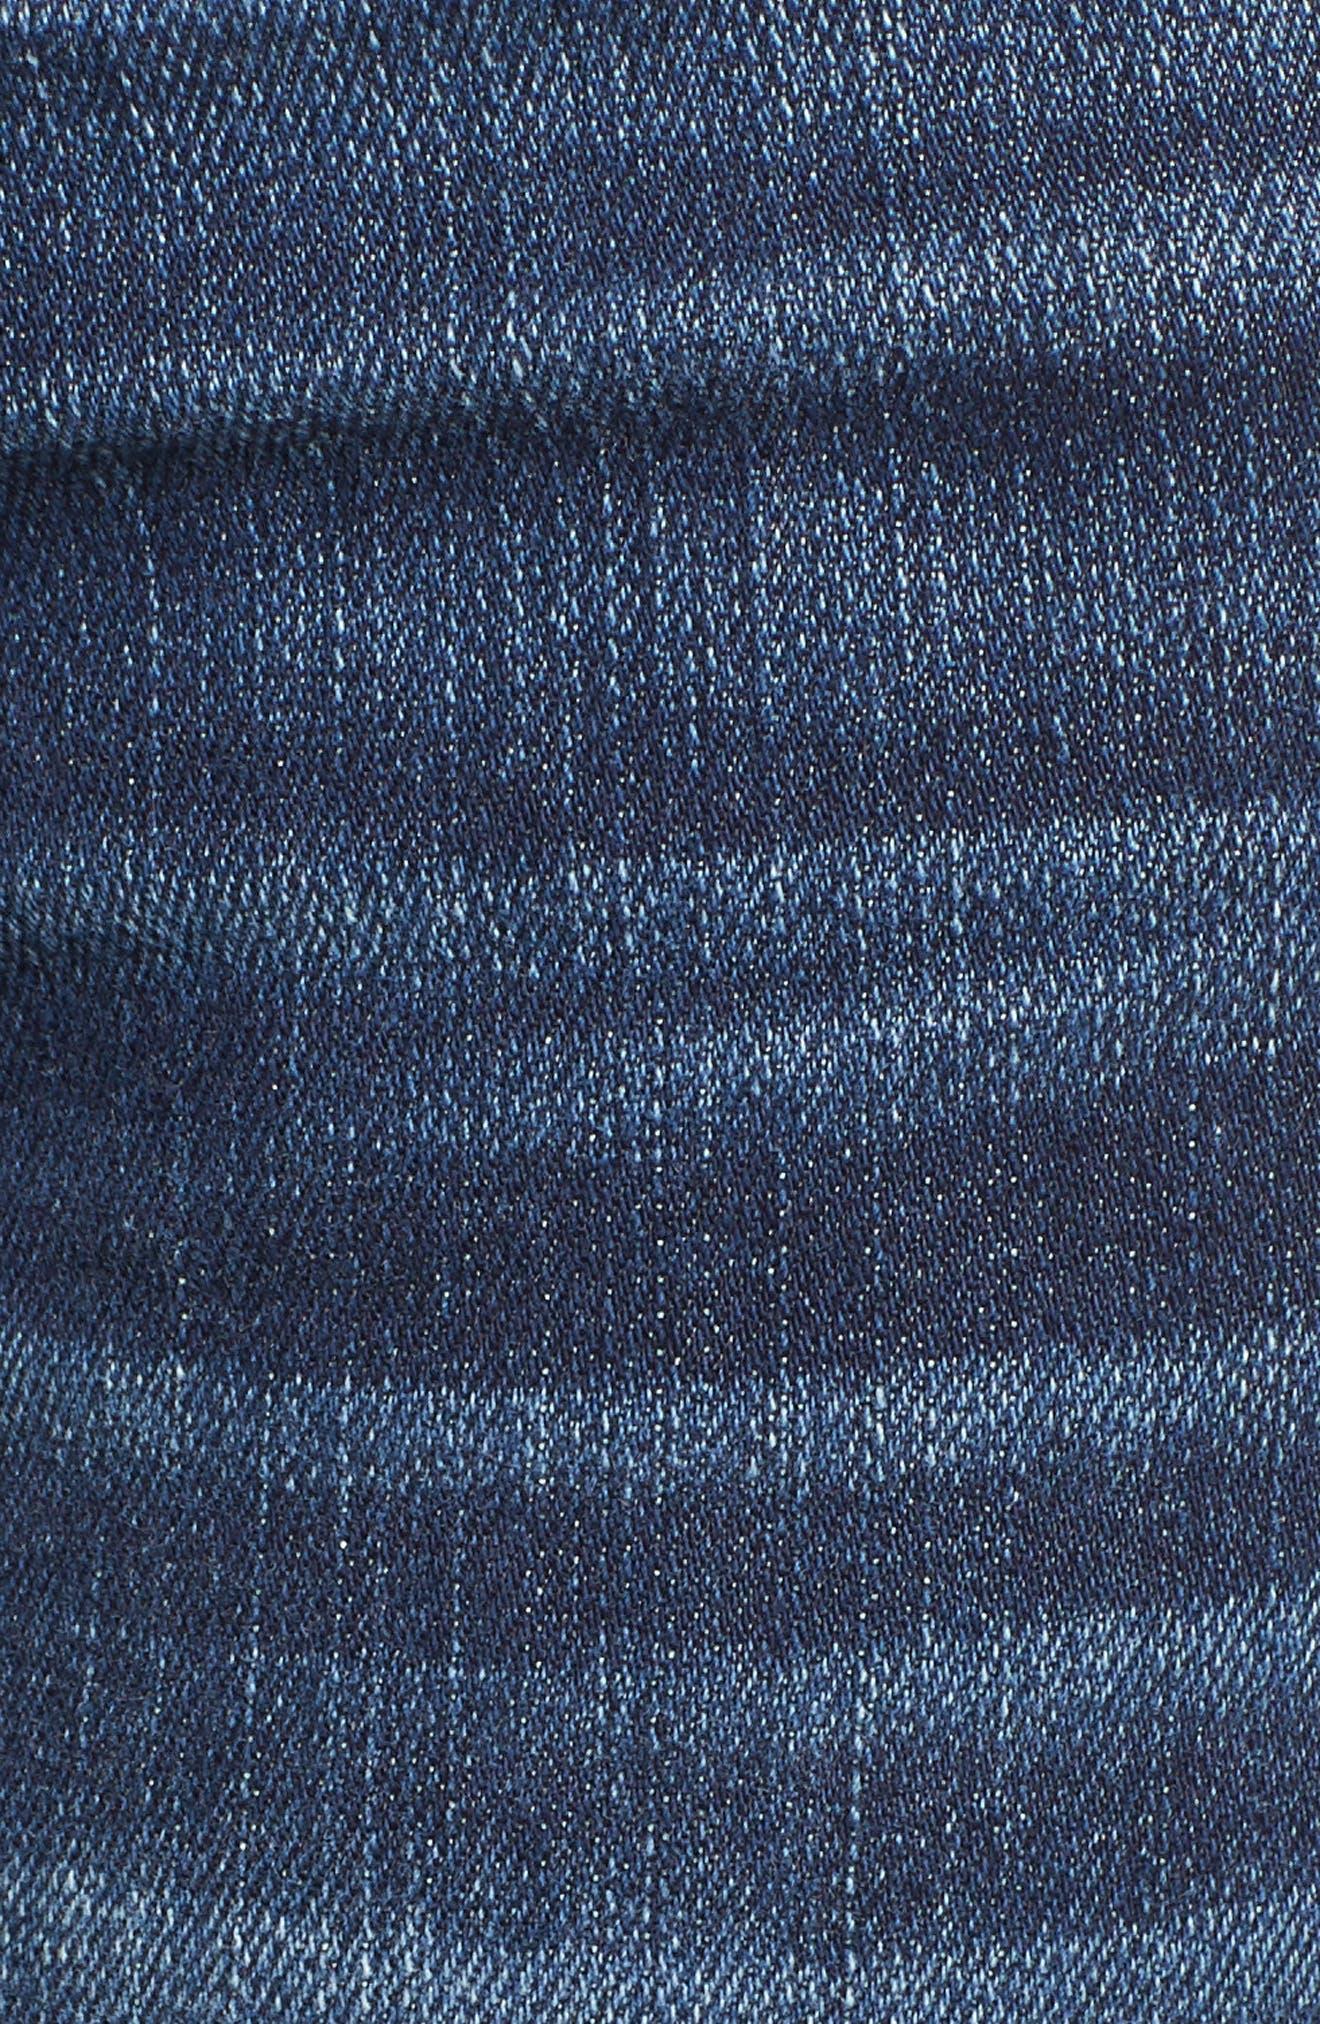 Transcend Vintage - Skyline Skinny Jeans,                             Alternate thumbnail 6, color,                             400